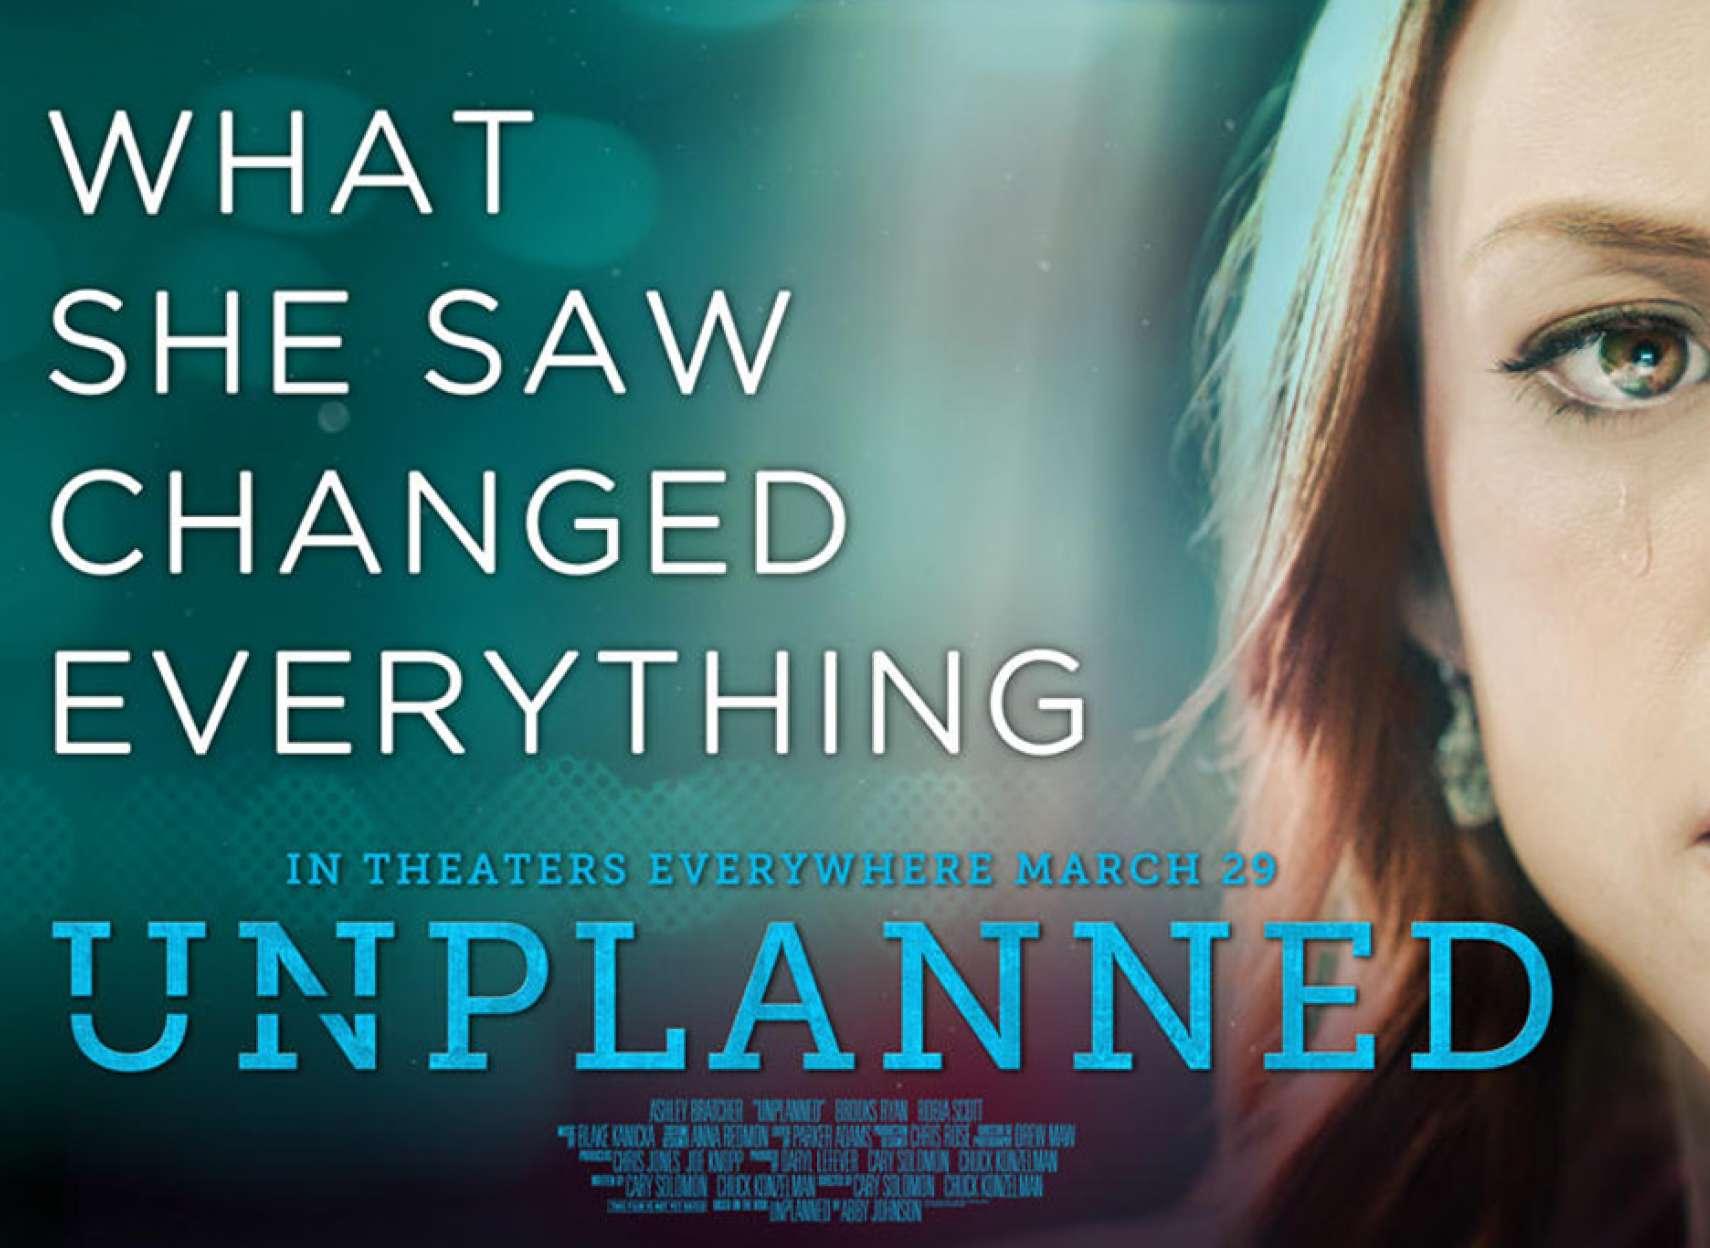 فیلم-ناظمزاده-برنامهریزی-نشده-مخالفت-با-سقط-جنین